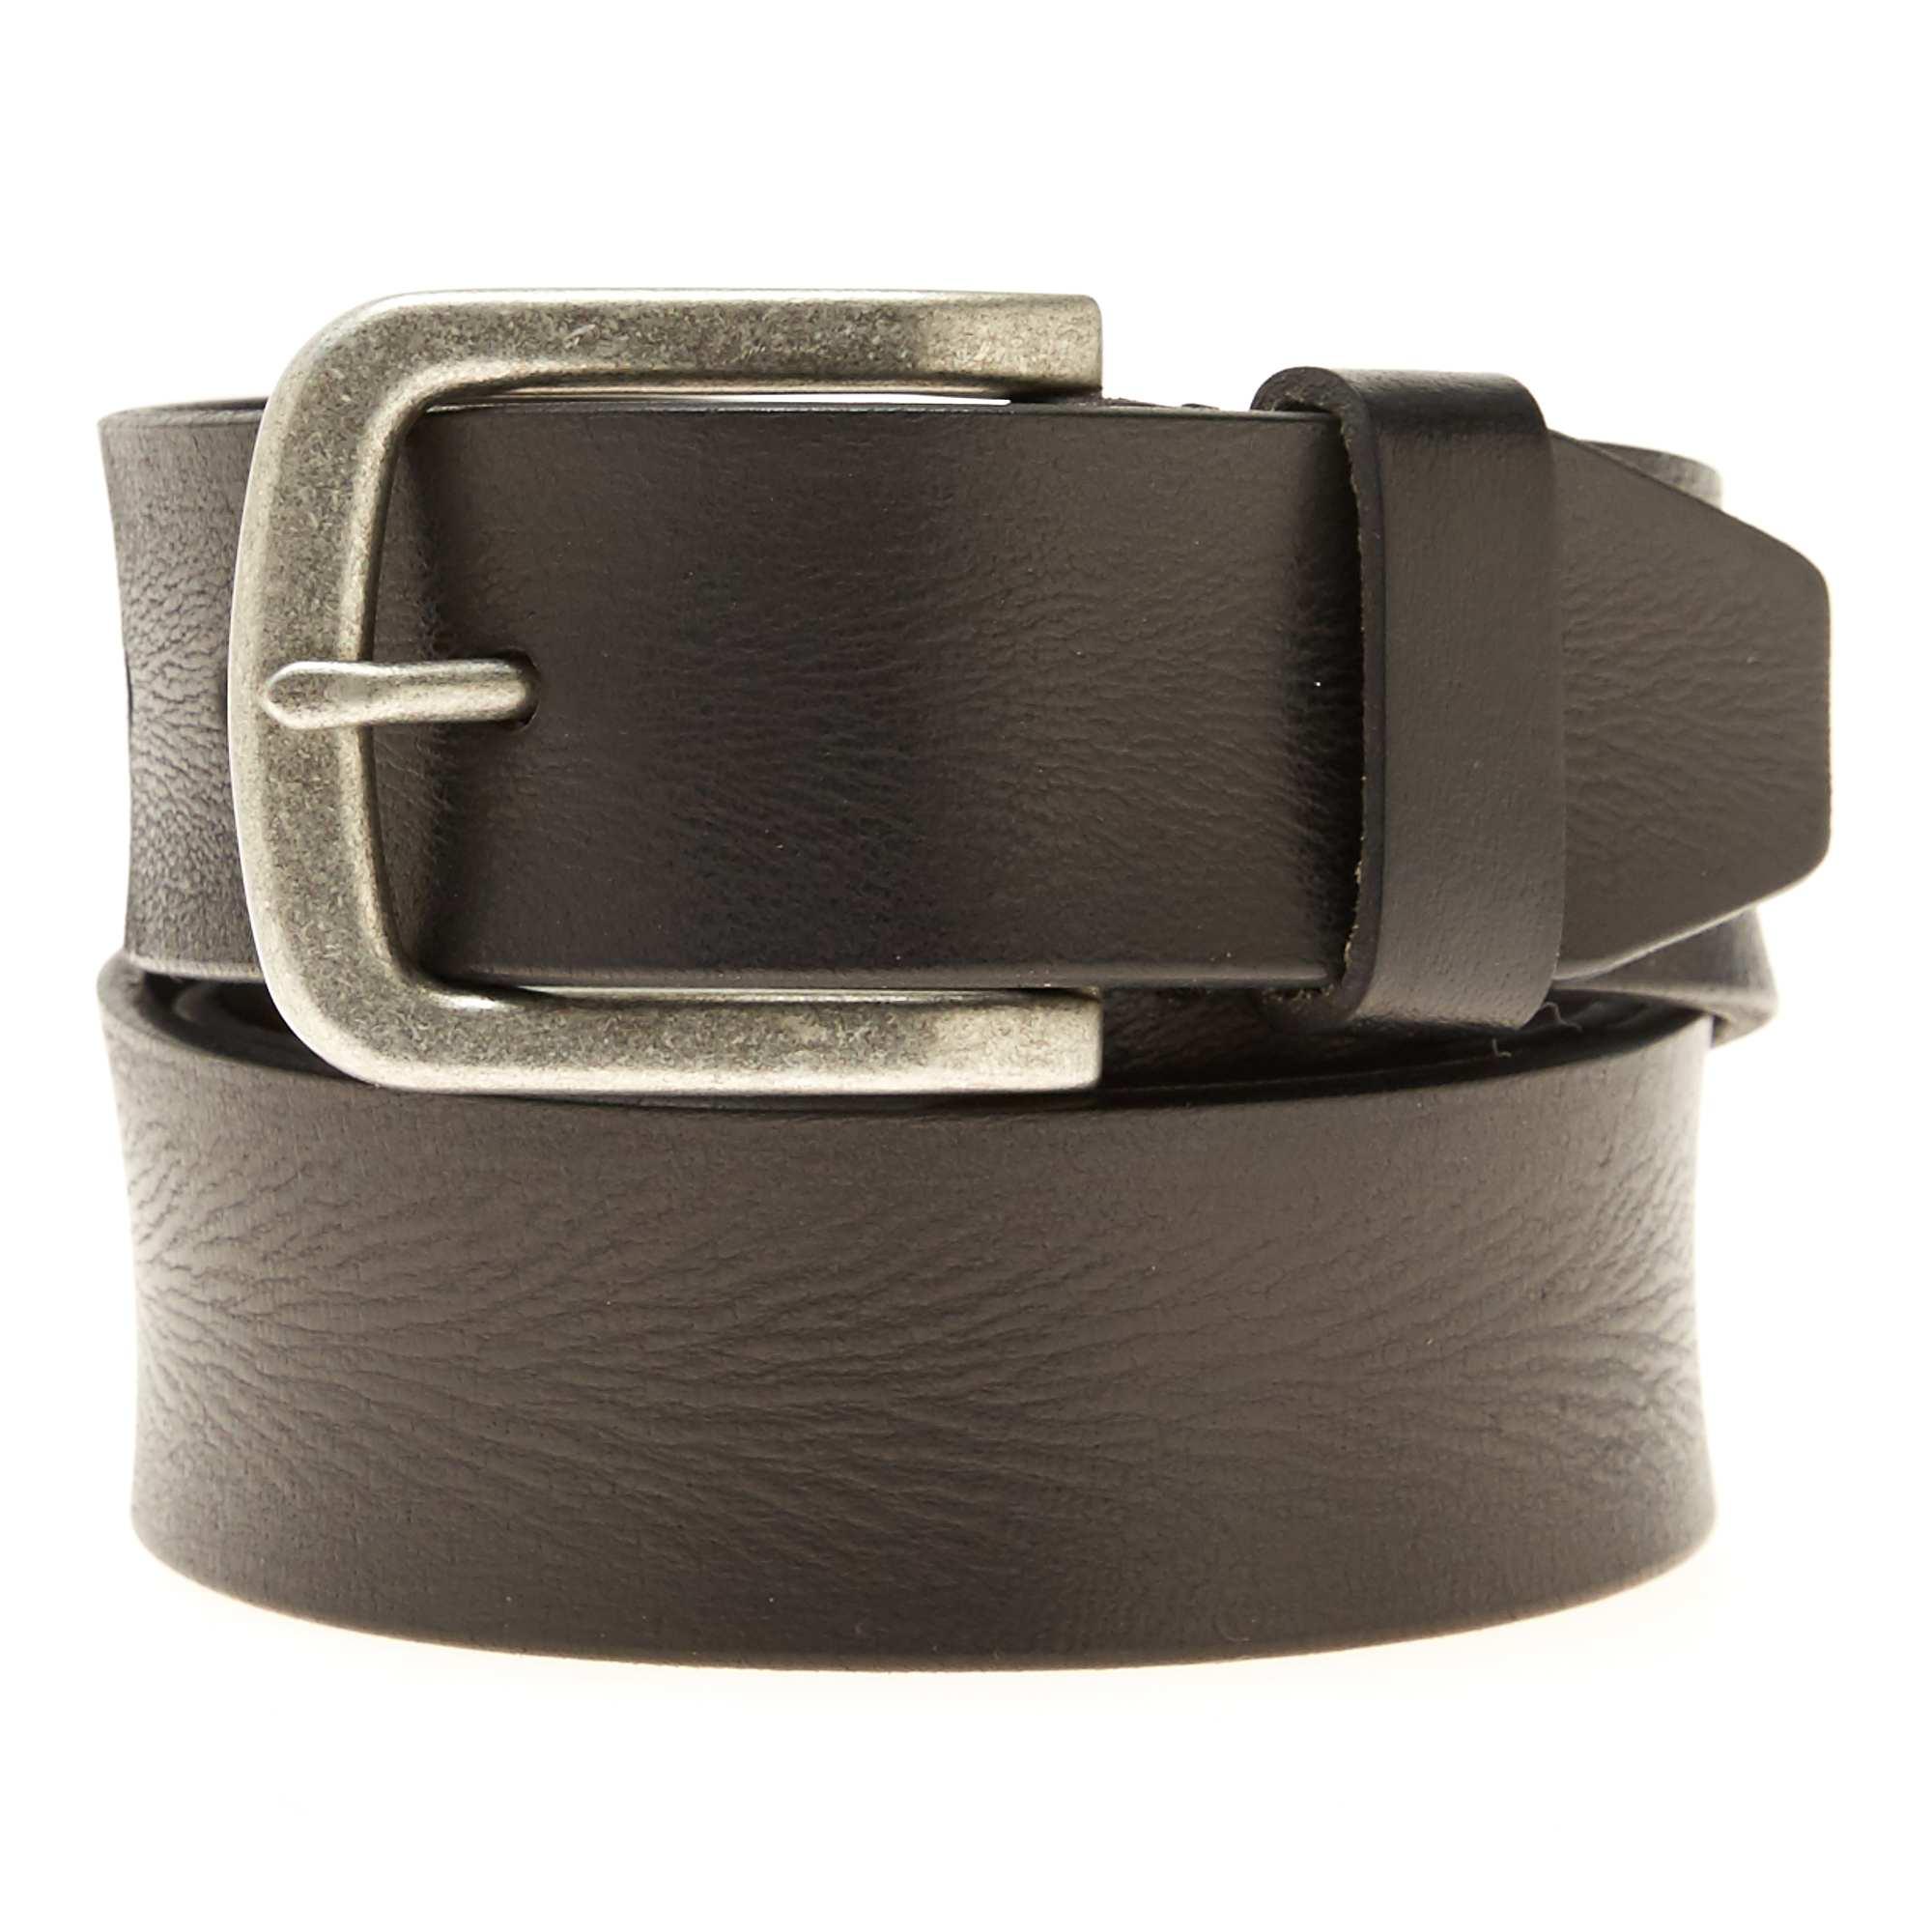 2266d728f26 Cinturón de piel Hombre - negro - Kiabi - 14